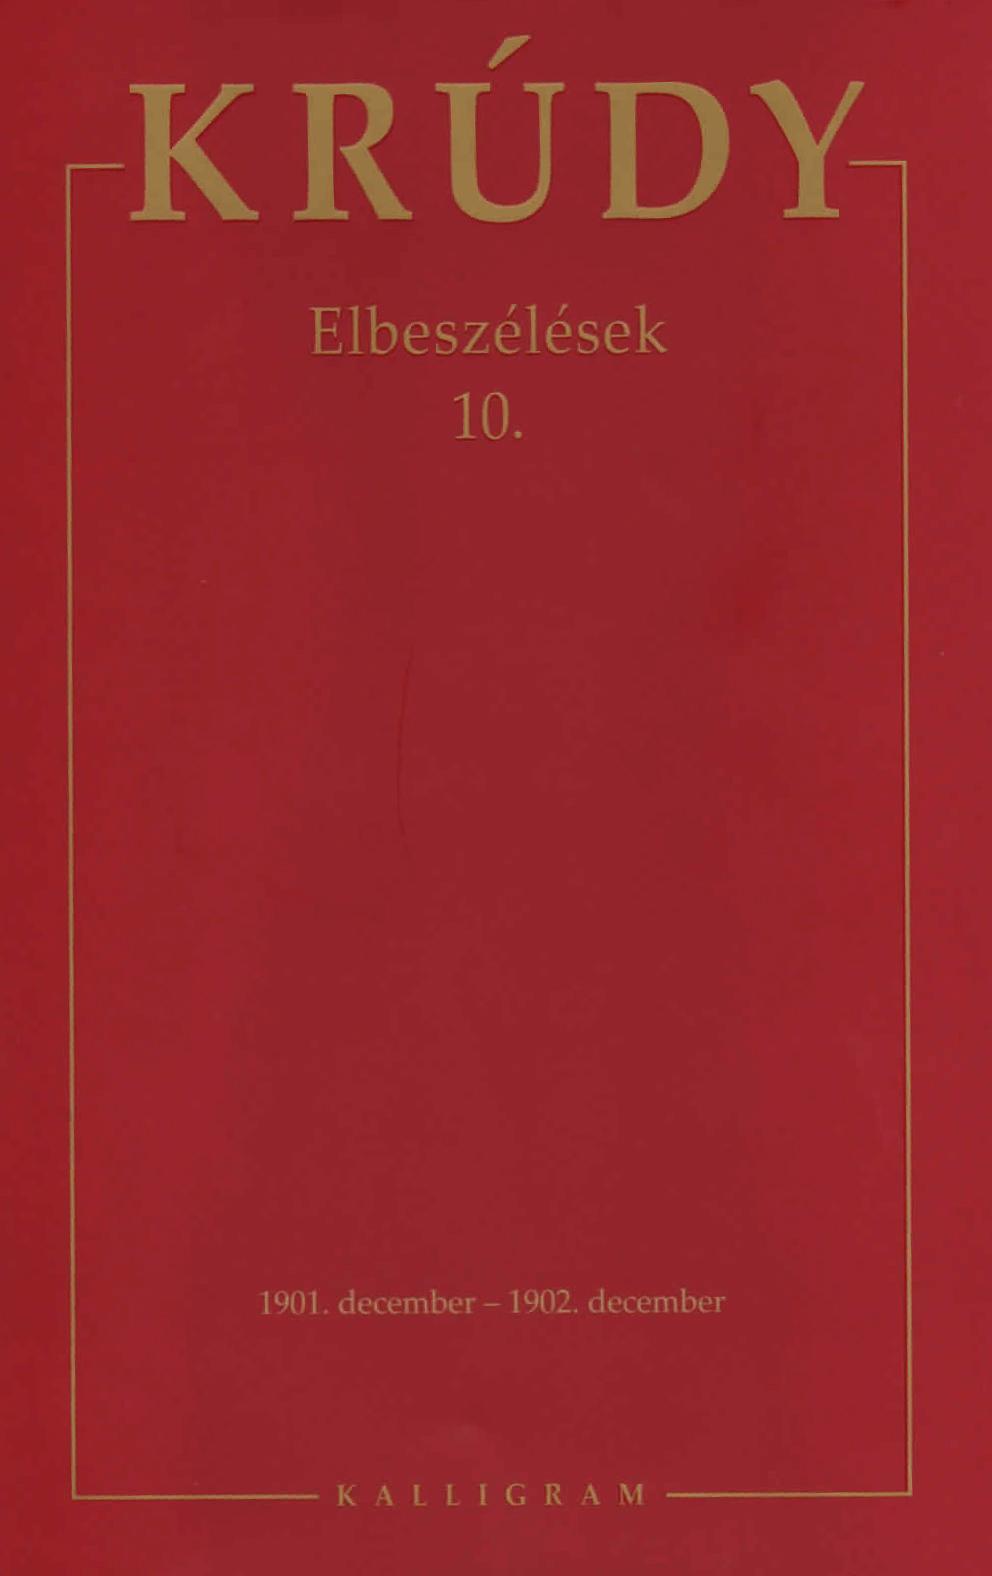 ELBESZÉLÉSEK 10. - KRÚDY GYULA ÖSSZEGYÛJTÖTT MÛVEI 27.